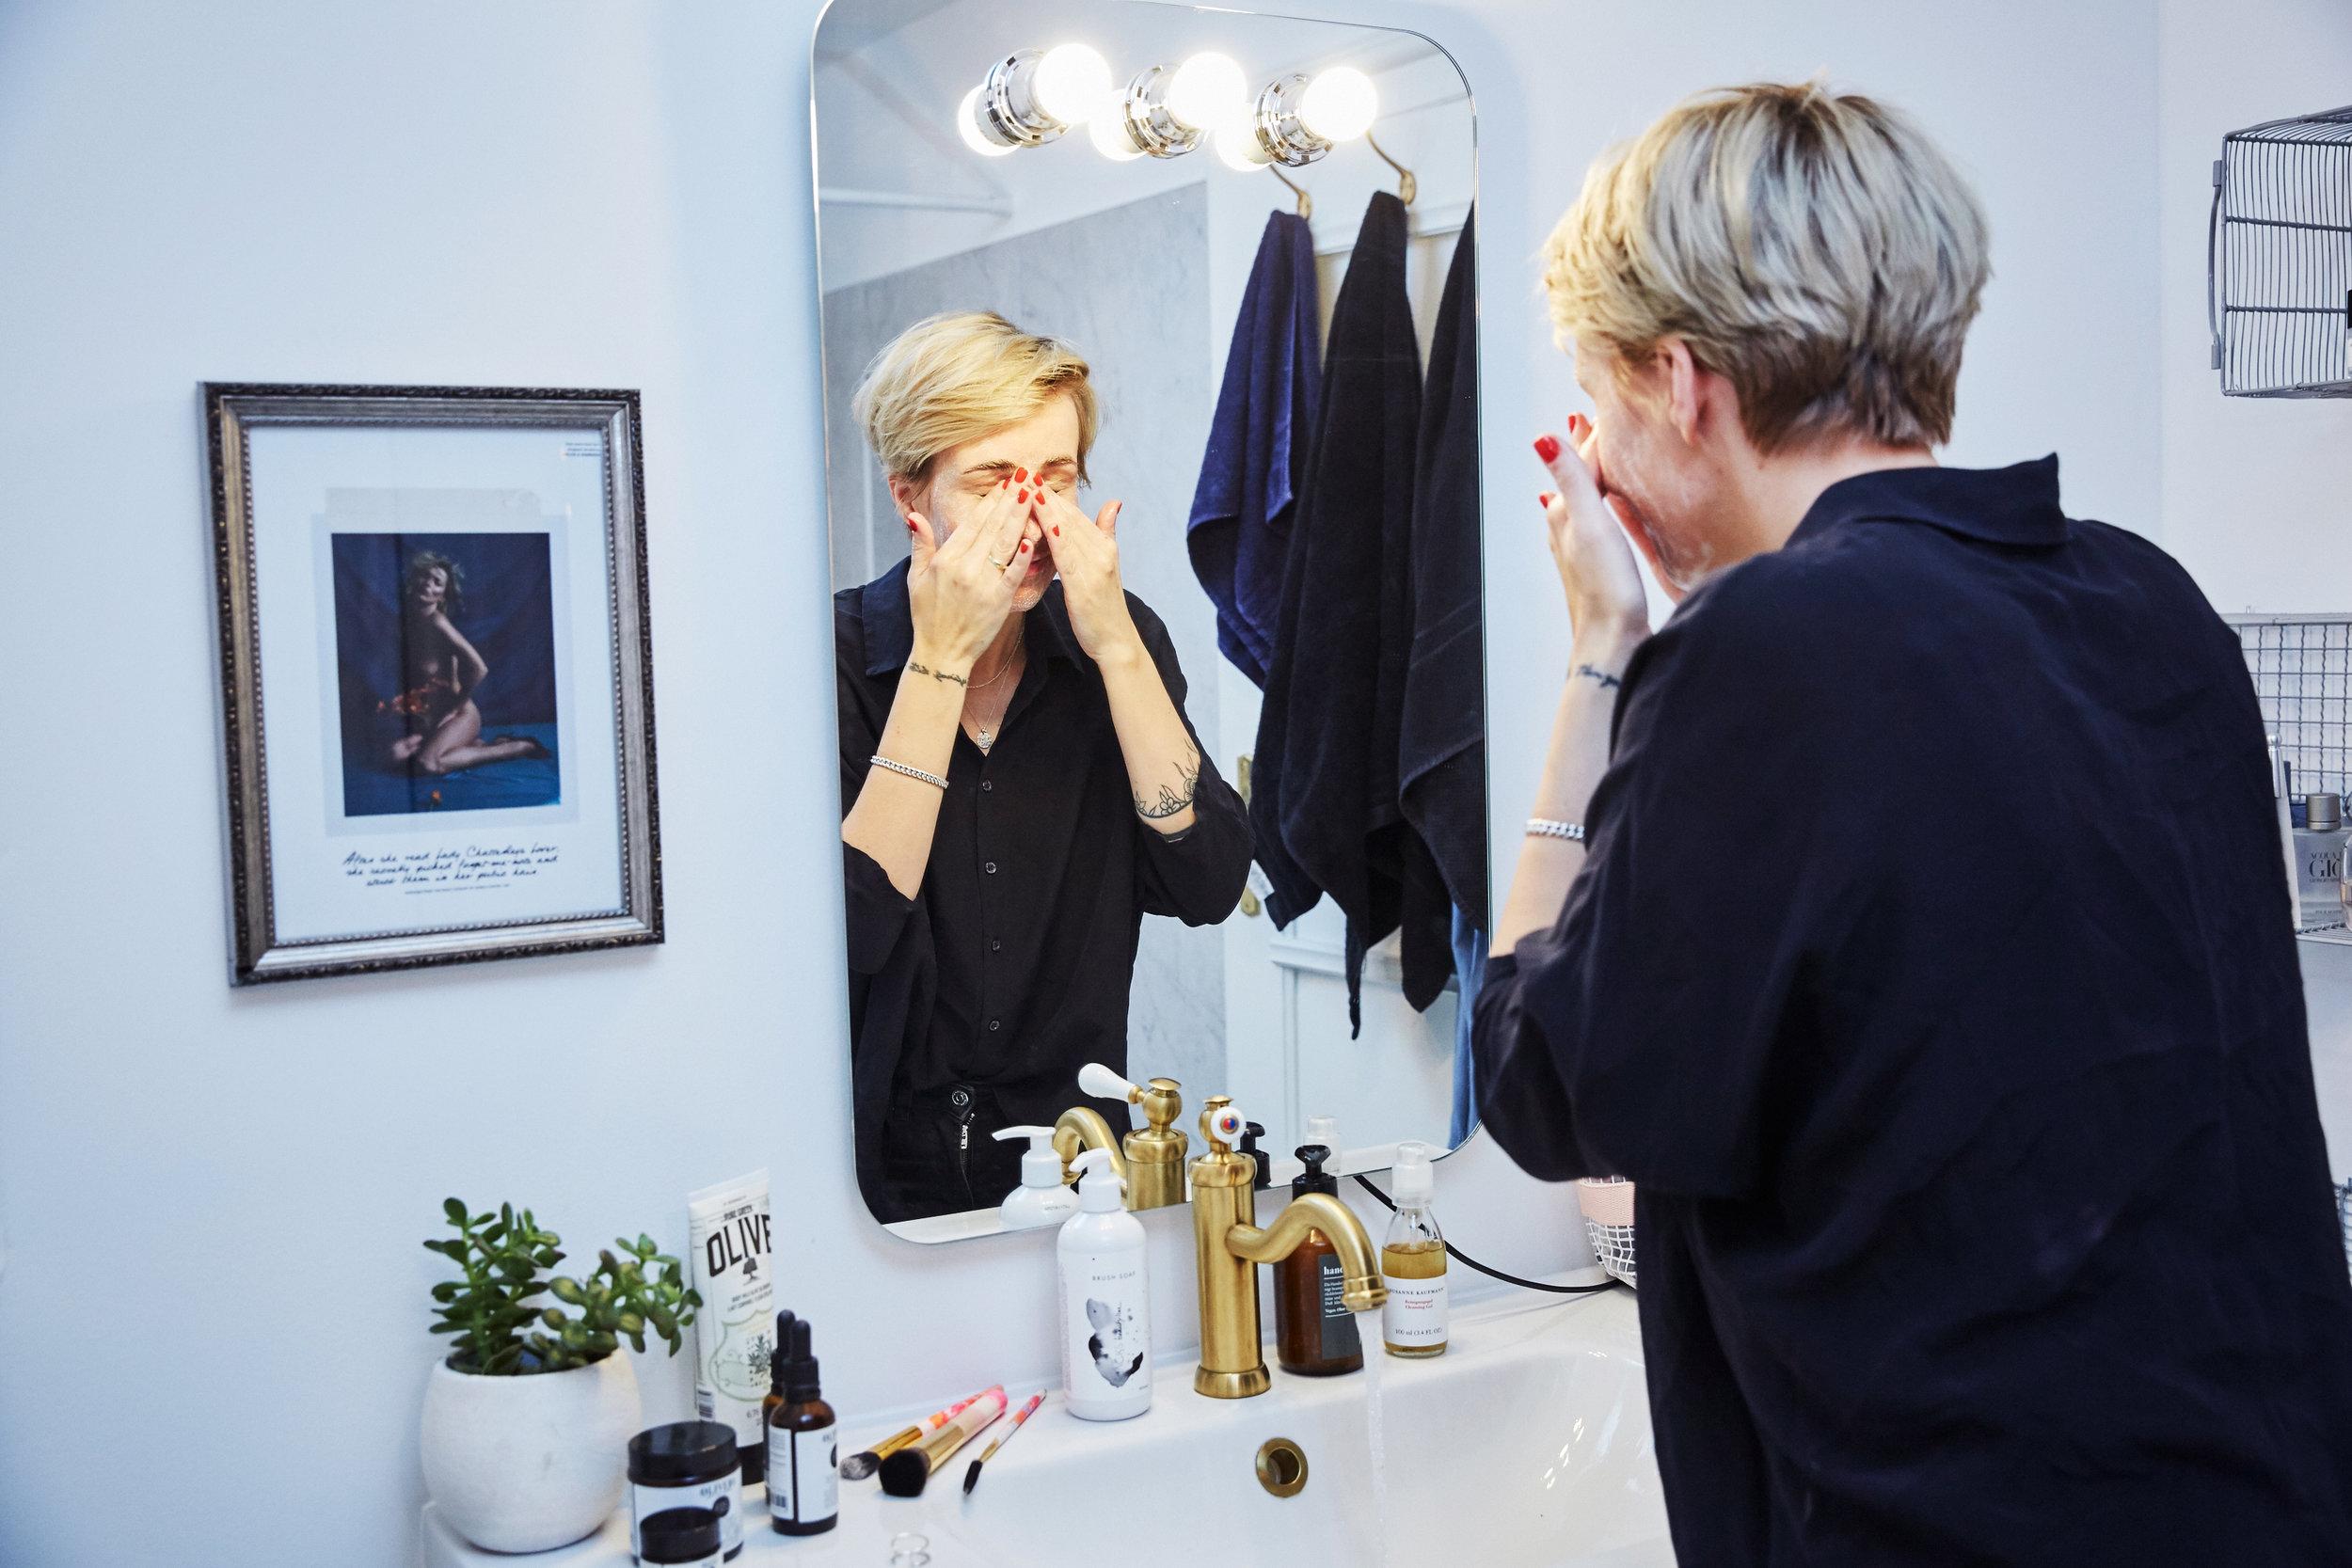 Makeupremover_susannekaufmann.jpg